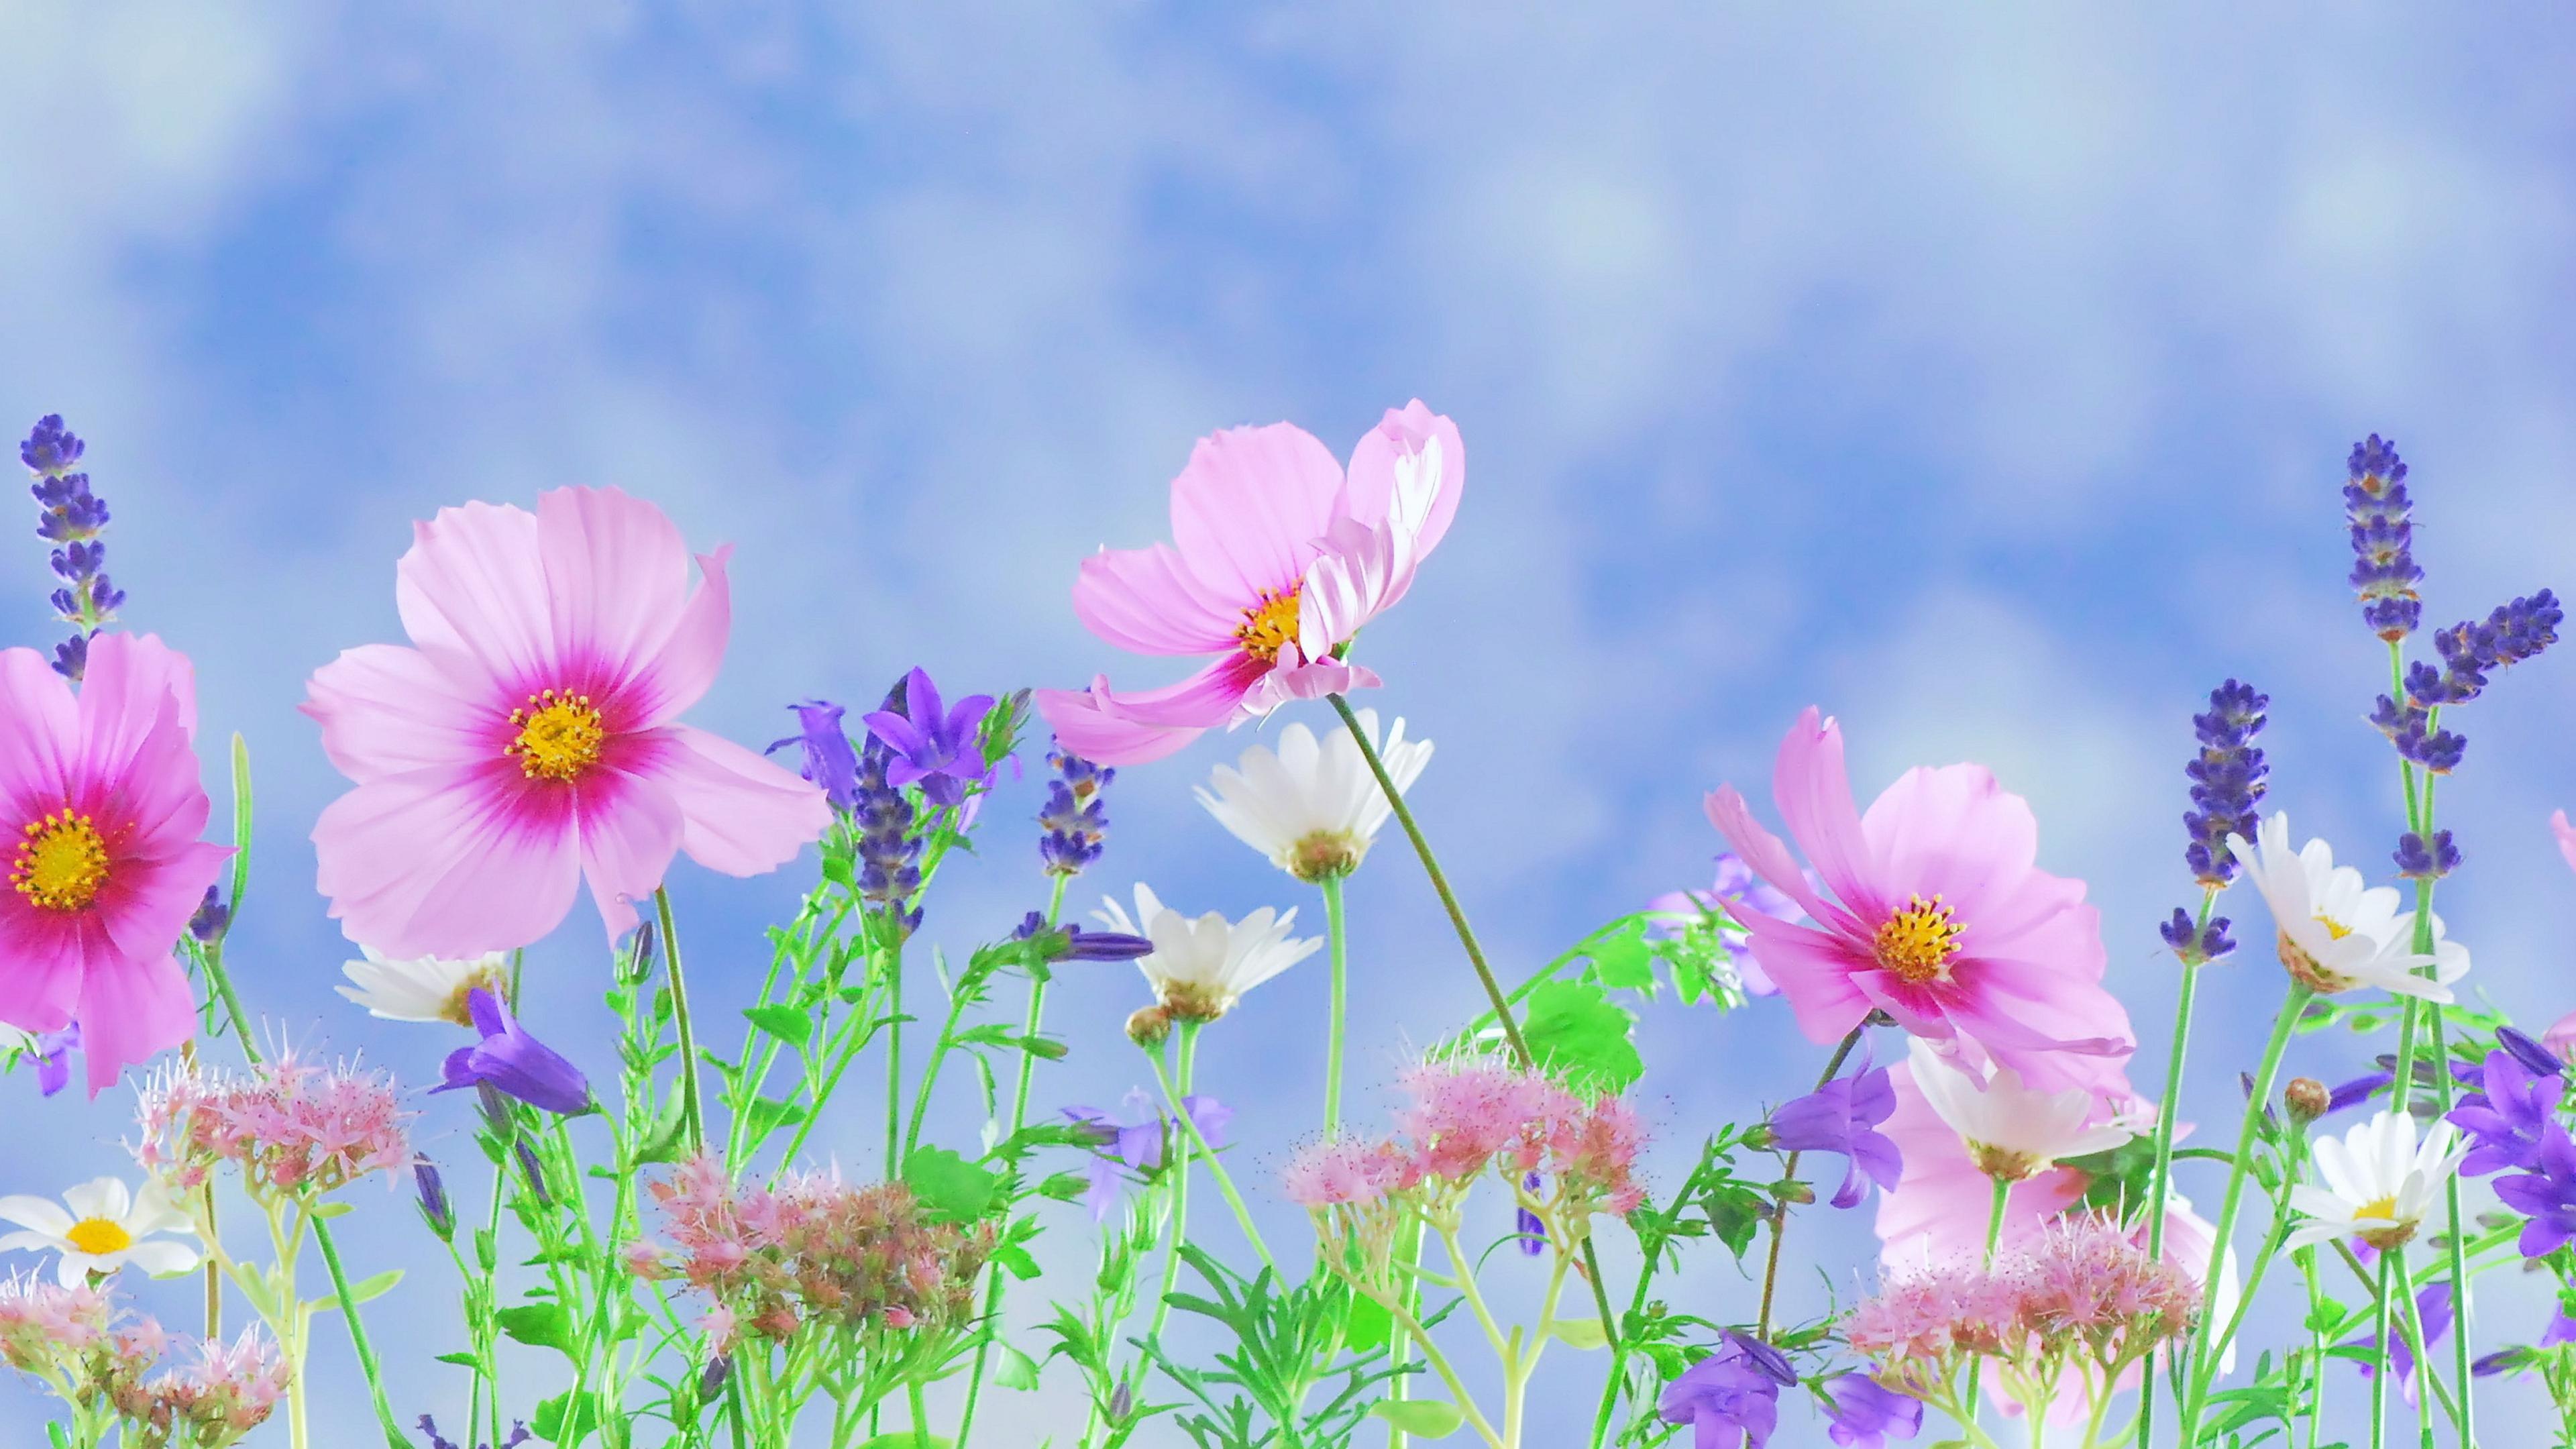 Summer Floral Desktop Background , HD Wallpaper & Backgrounds